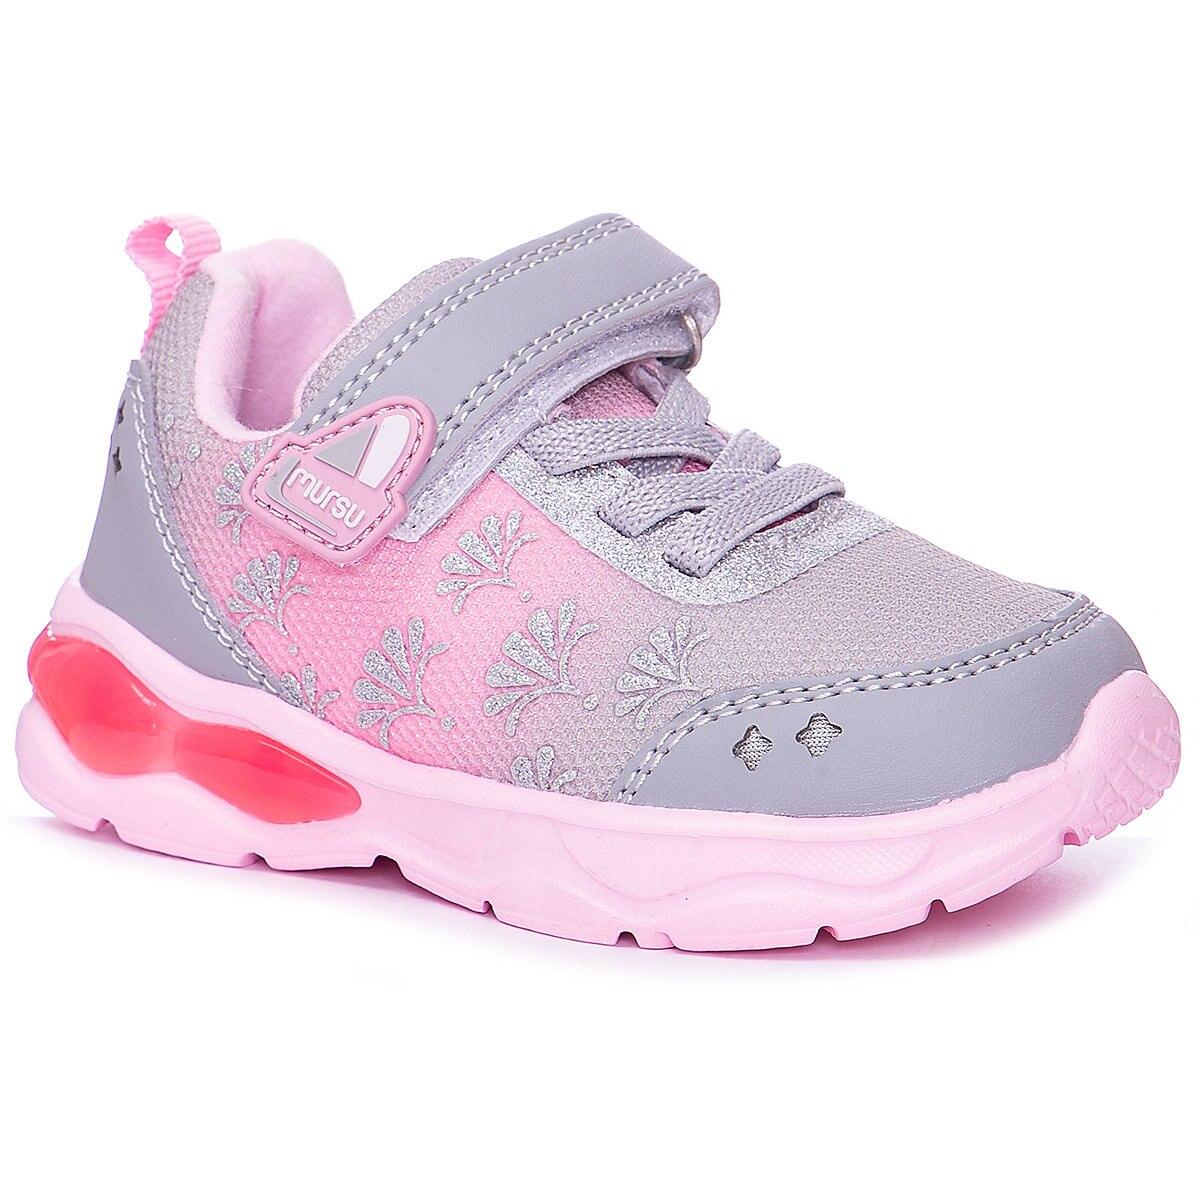 MURSU Kids \ 'baskets 10612169 10612152 chaussures de sport pour enfants printemps automne filles fille MTpromo